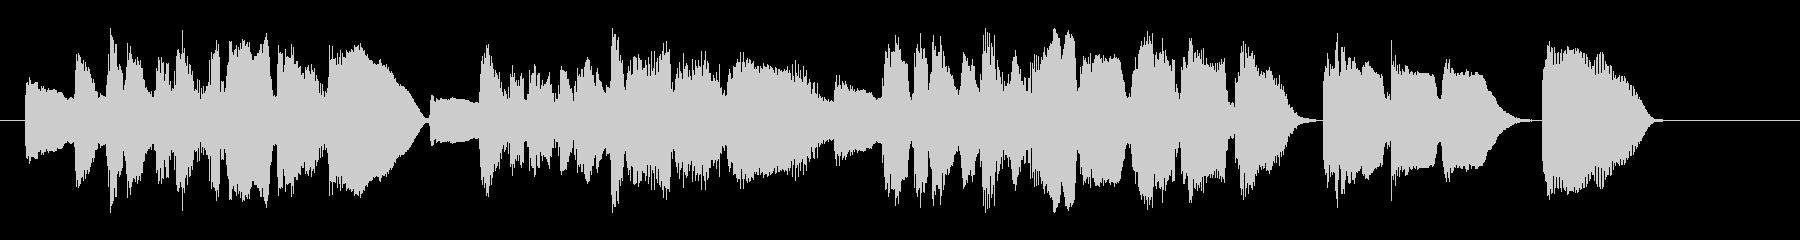 生録トロンボーン ピアノ 短いジングル の未再生の波形